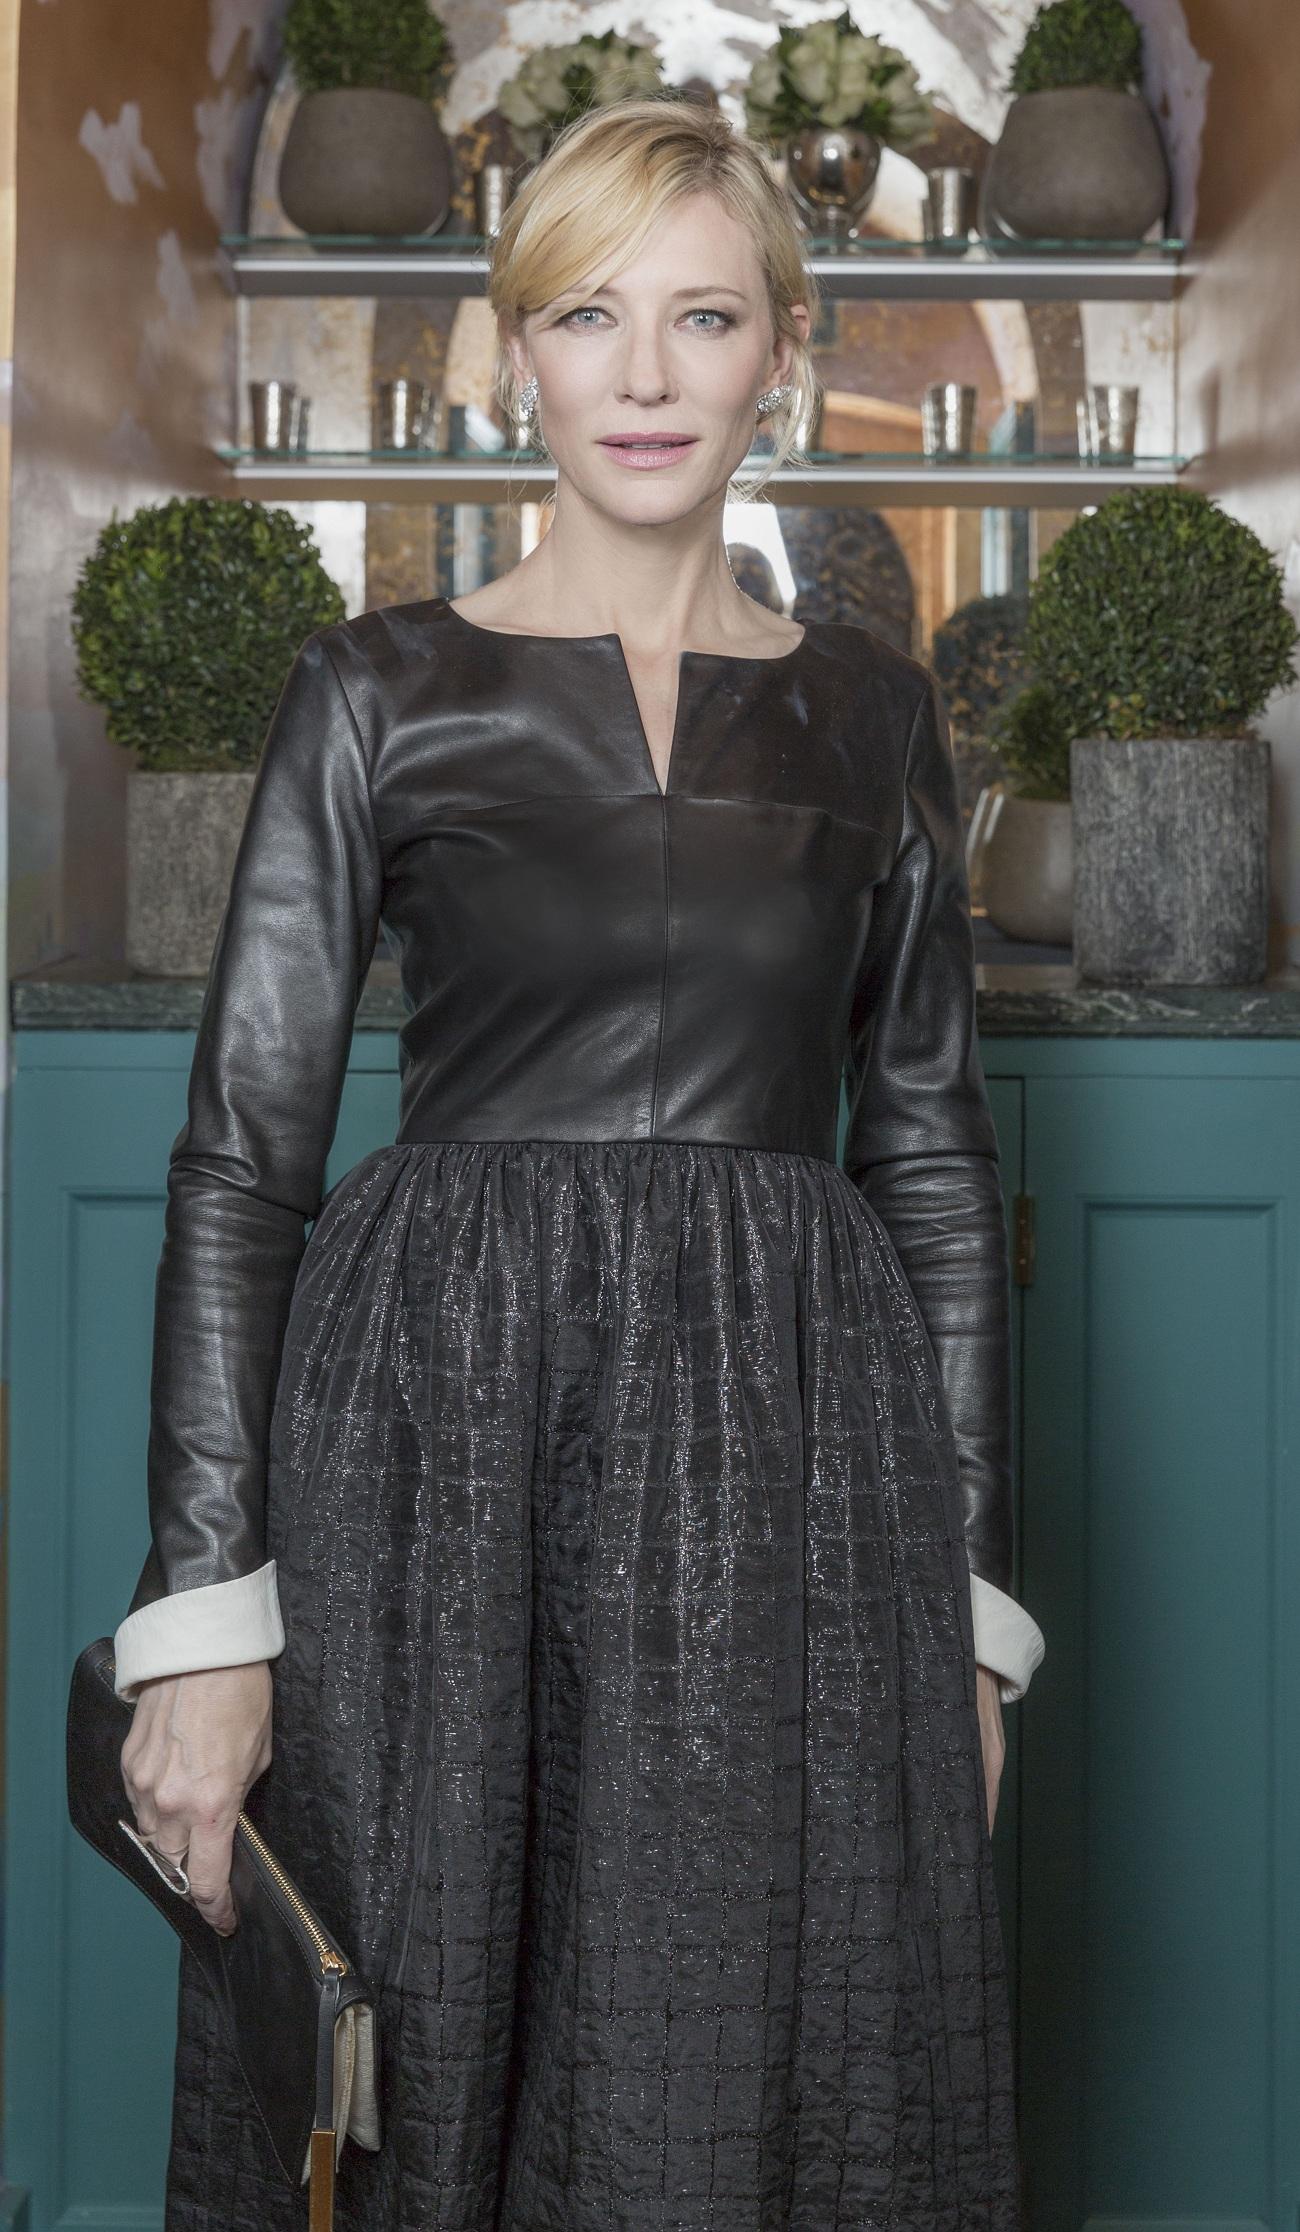 Cate Blanchett Chanel Pre-Bafta Fashionela